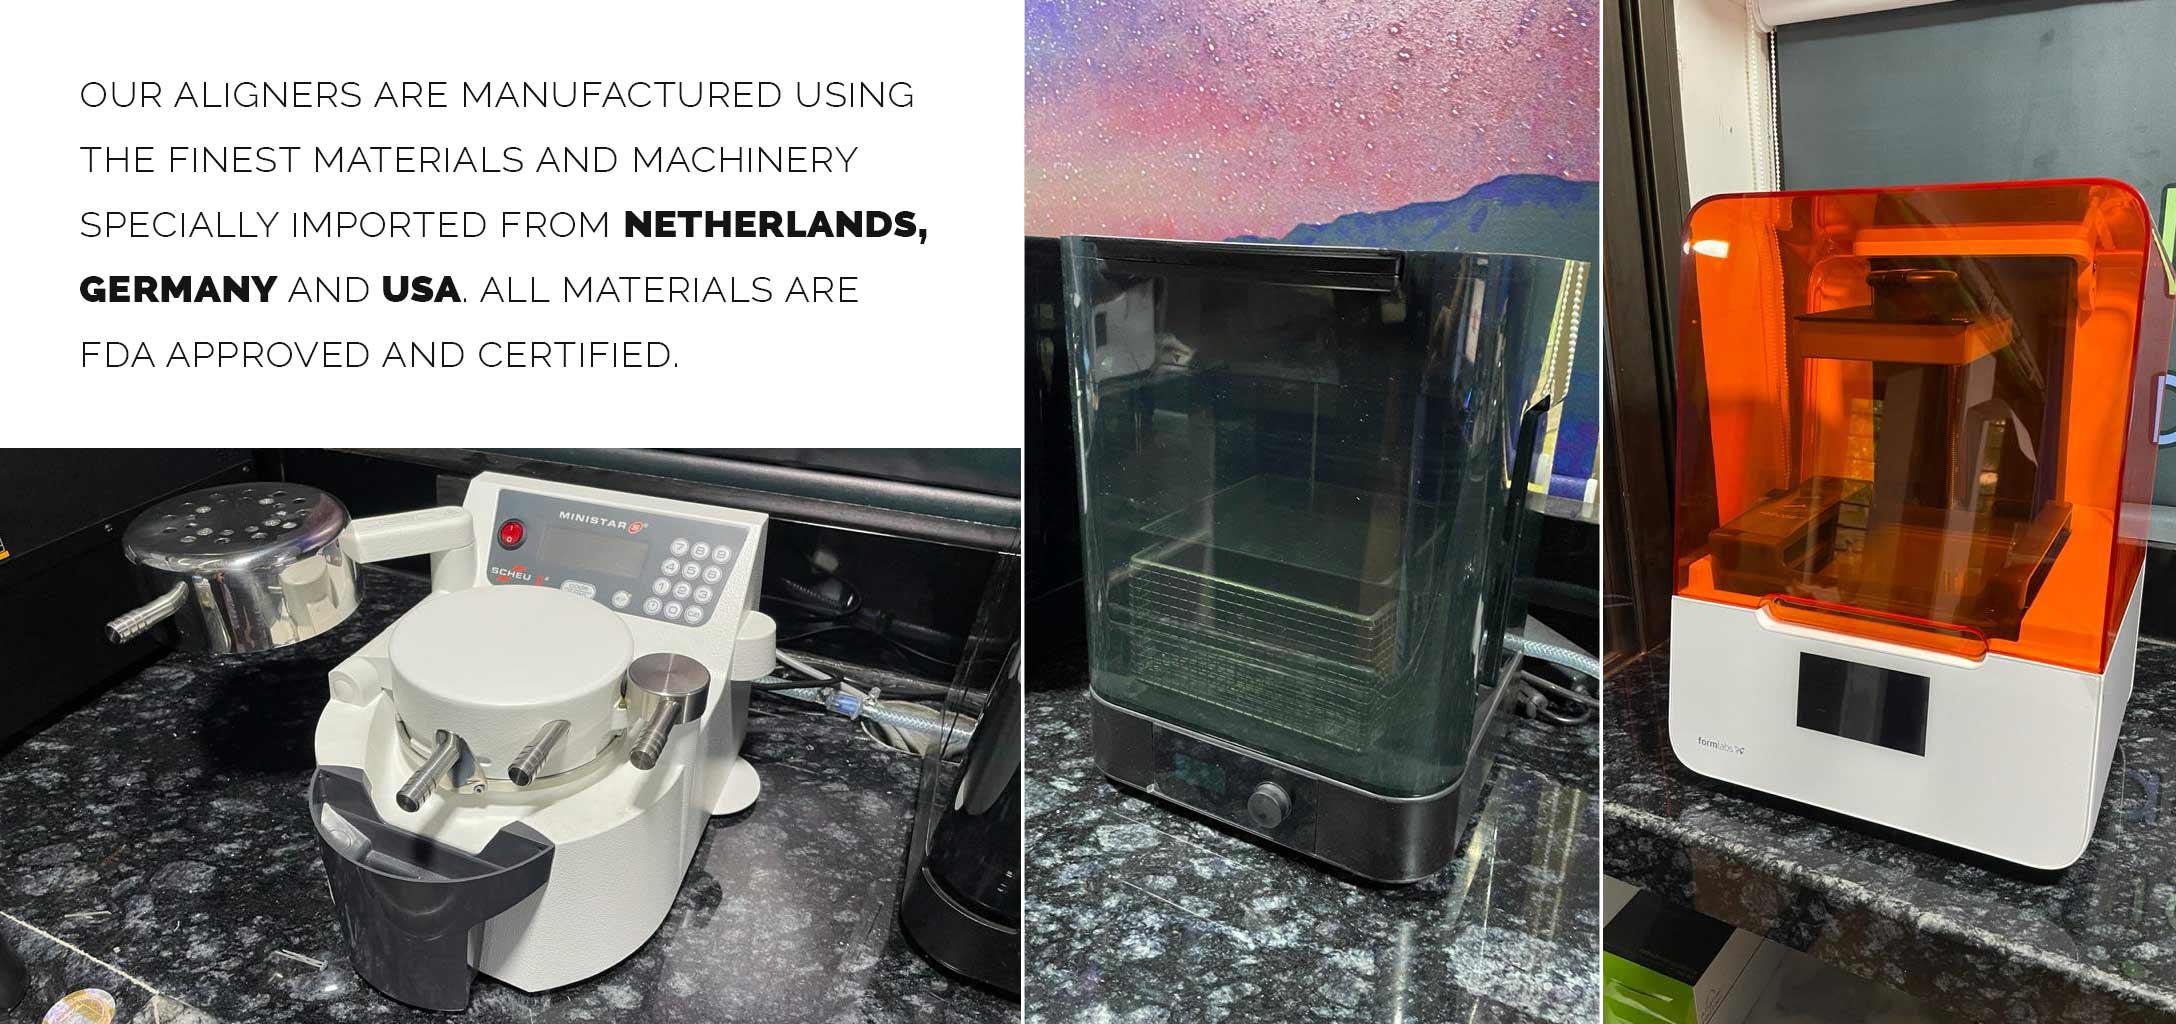 aligner factari manufacturing